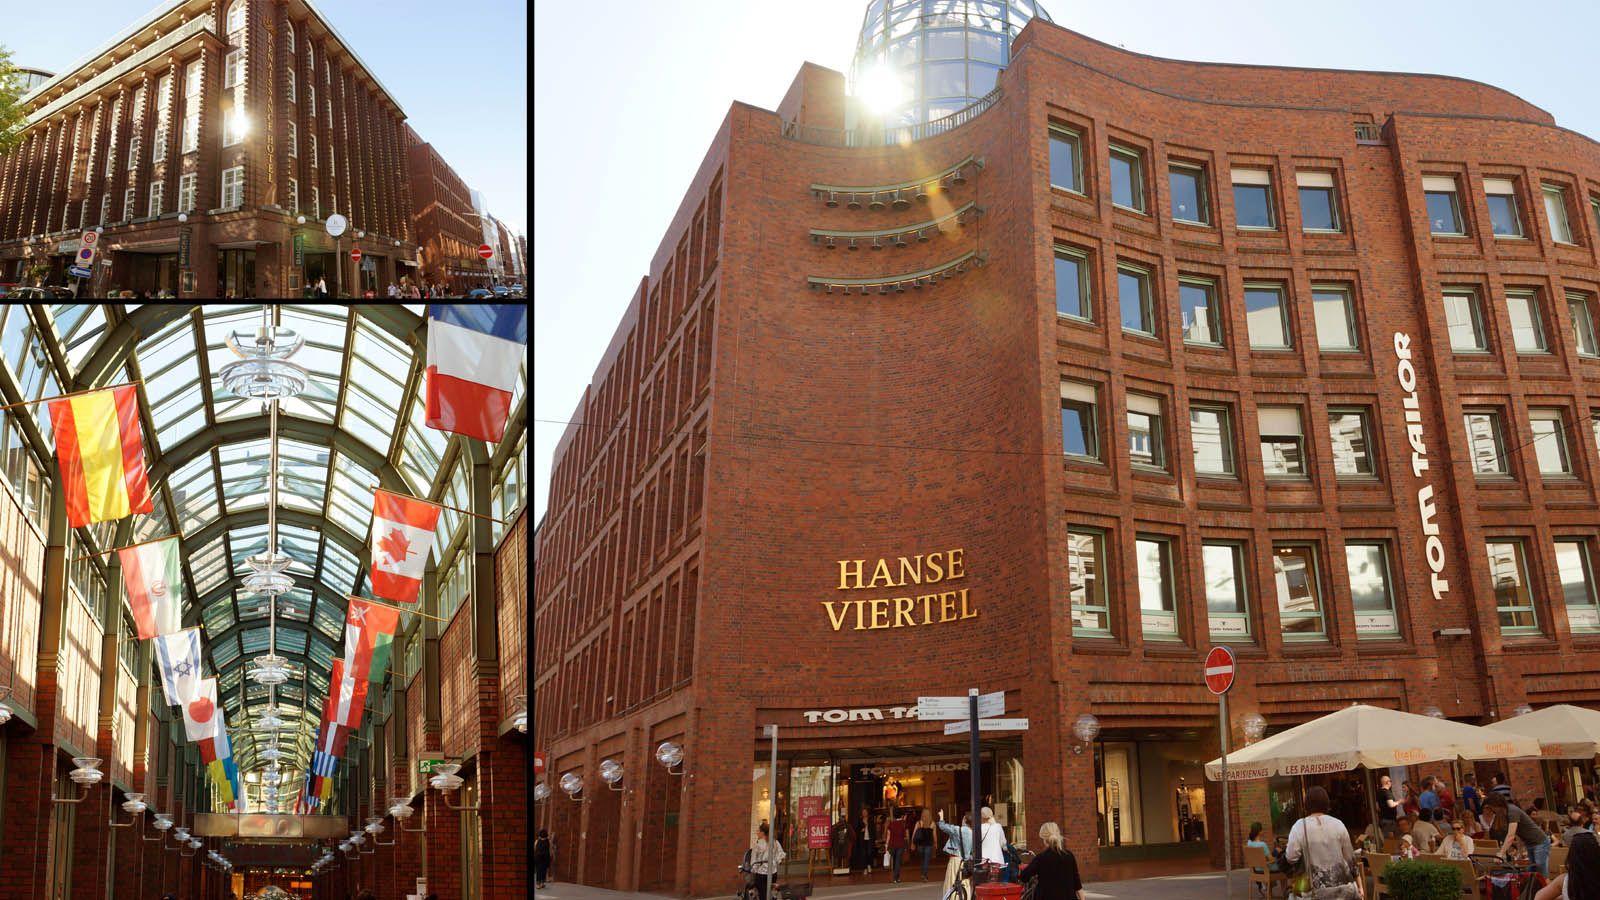 Willkommen Hanseviertel Das Schonste Viertel Hamburgs Hanseviertel Stadte Reise Hamburg